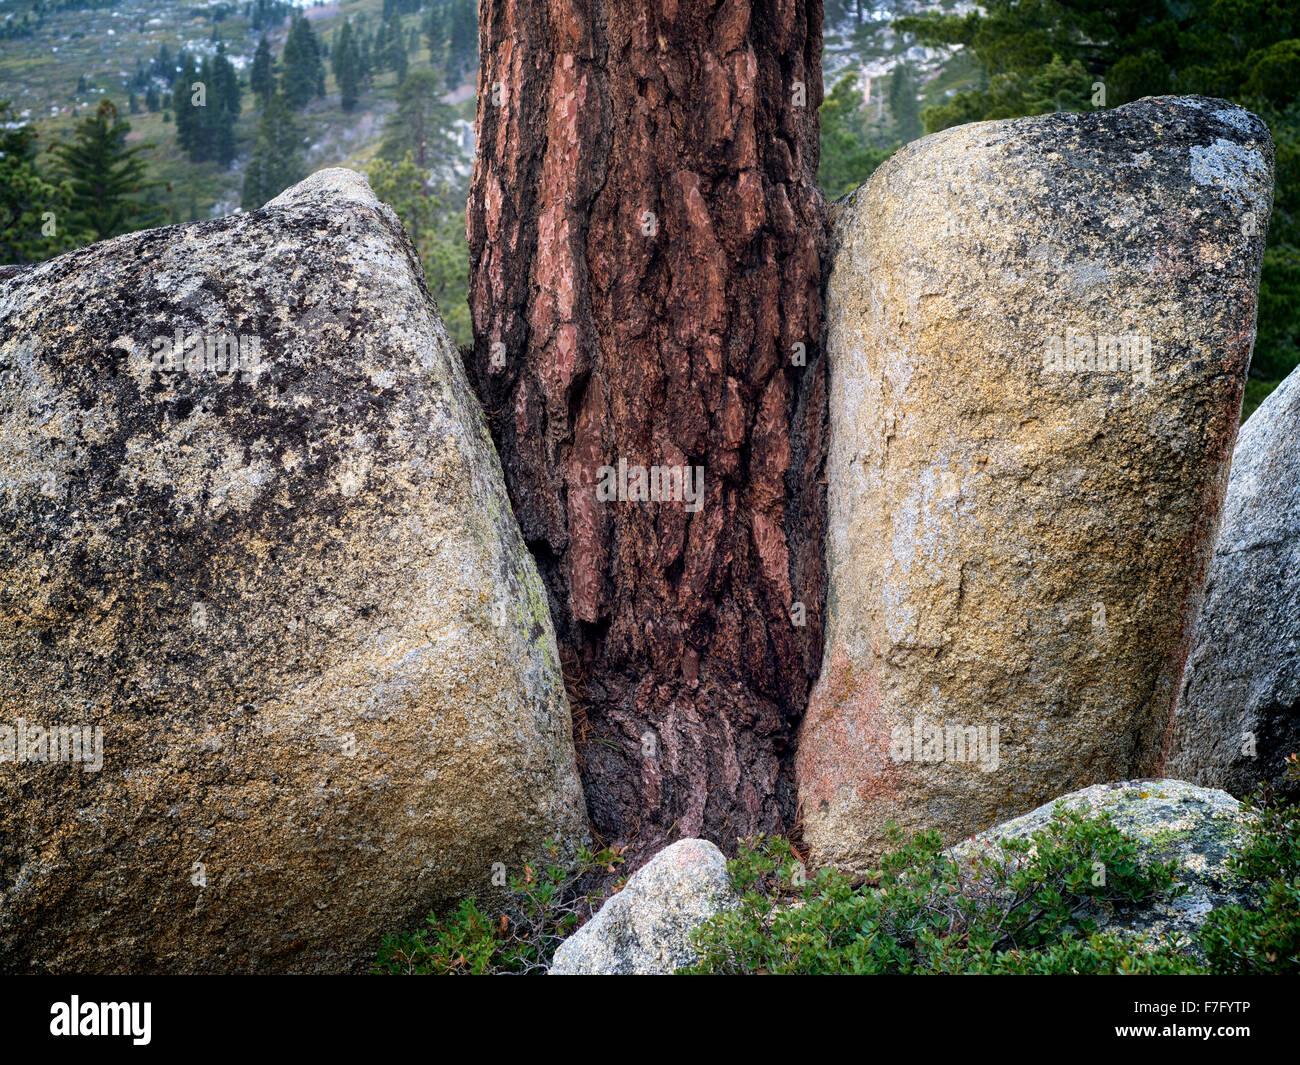 Ponderosa Pine Tree crescente tra due massi di granito. Lake Tahoe, California Immagini Stock